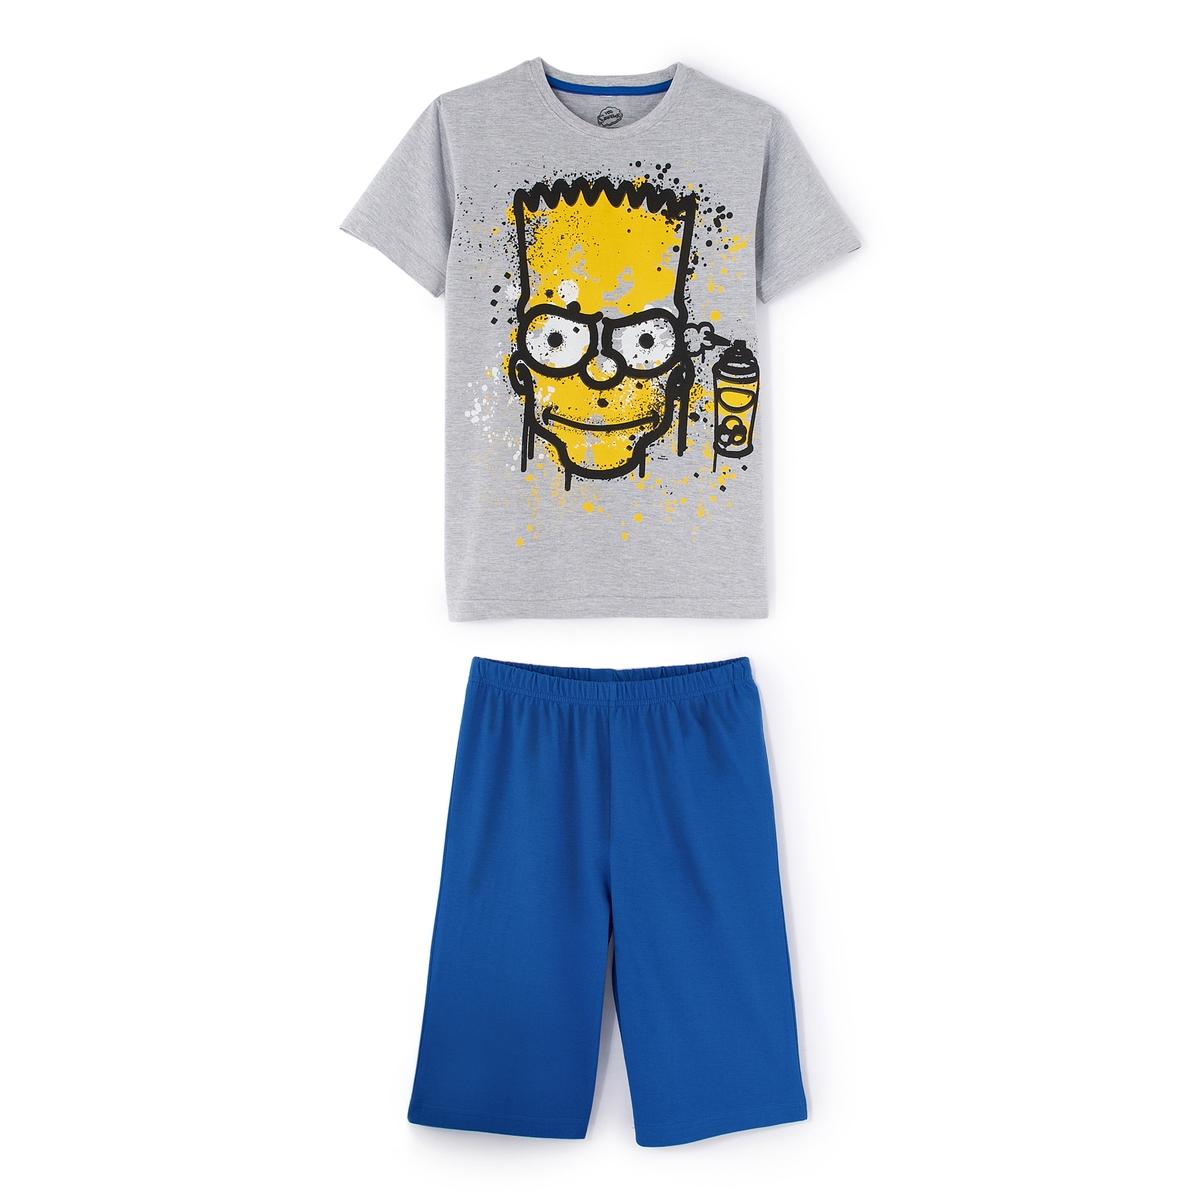 Пижама с короткими рукавами и рисунком, 8 - 14 лет